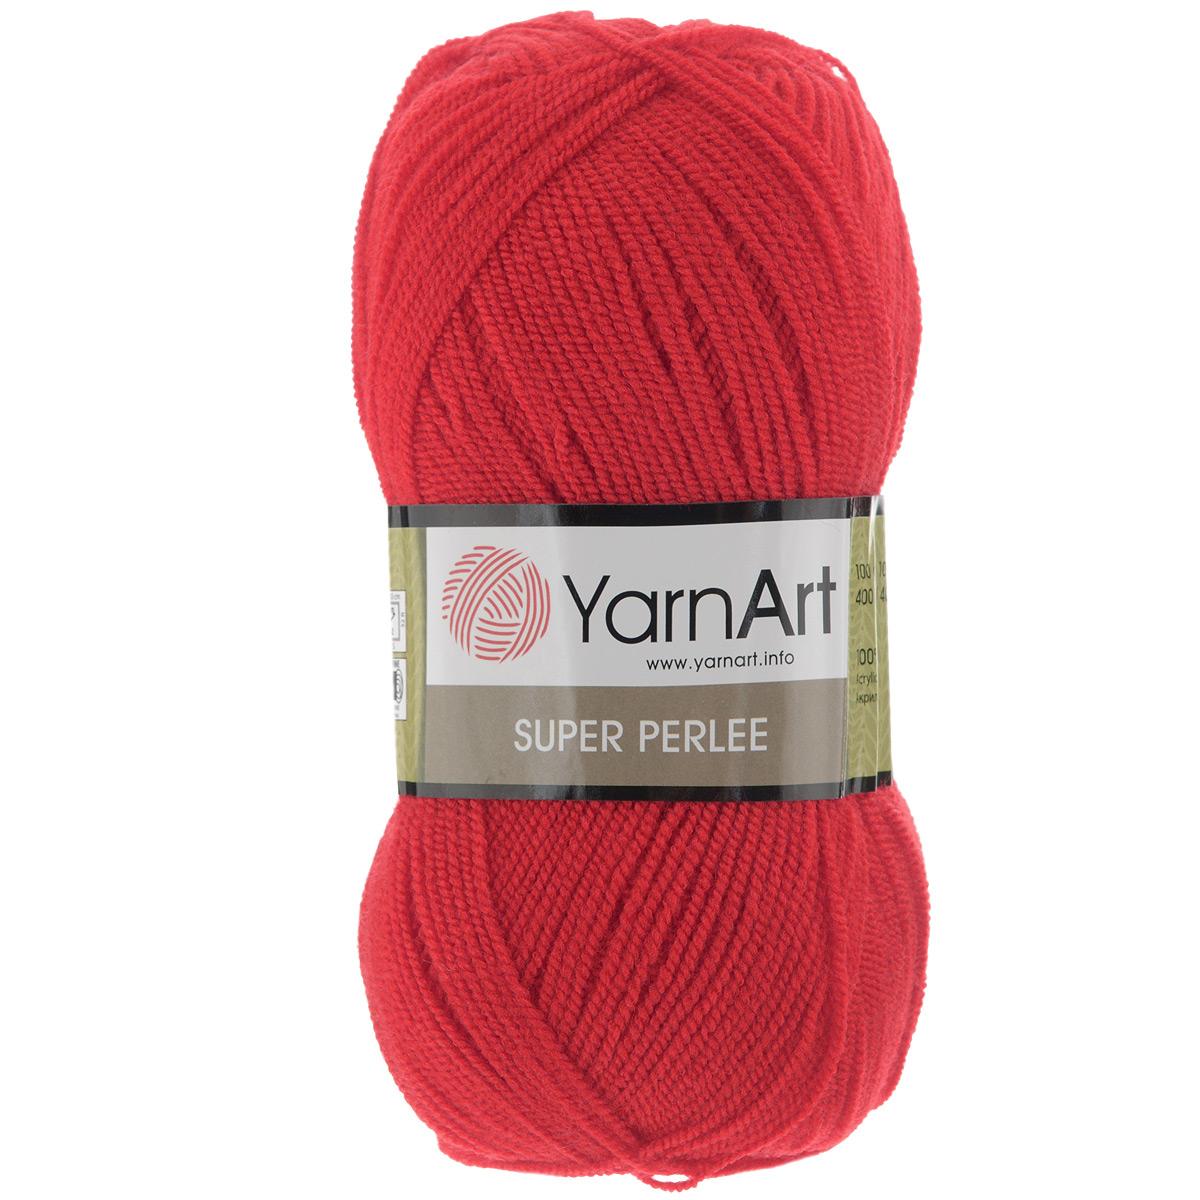 Пряжа для вязания YarnArt Super Perlee, цвет: алый (41), 400 м, 100 г, 5 шт372062_41Нить пряжи YarnArt Super Perlee ровная, без утолщений и узелков, и такое качество материала позволяет с помощью крючка и спиц создавать легкие ажурные вещи, изысканные и практичные одновременно. Нить тонкая, что предоставляет рукодельницам неограниченные возможности - ведь акрил можно комбинировать и с другими видами пряжи, например, с шерстью или мохером, что обеспечит готовому изделию плотность и тепло. Пряжа YarnArt Super Perlee пользуется особой популярностью в силу своей экономичности и практичности. Состав: 100% акрил Подходит для вязания на крючках и спицах № 3. В настоящее время вязание плотно вошло в нашу жизнь, причем не столько в виде привычных свитеров, сколько в виде оригинальных, изящных моделей из самой разнообразной пряжи. Поэтому так важно подобрать именно ту пряжу, которая позволит вам связать даже самую сложную и необычную модель изделия.